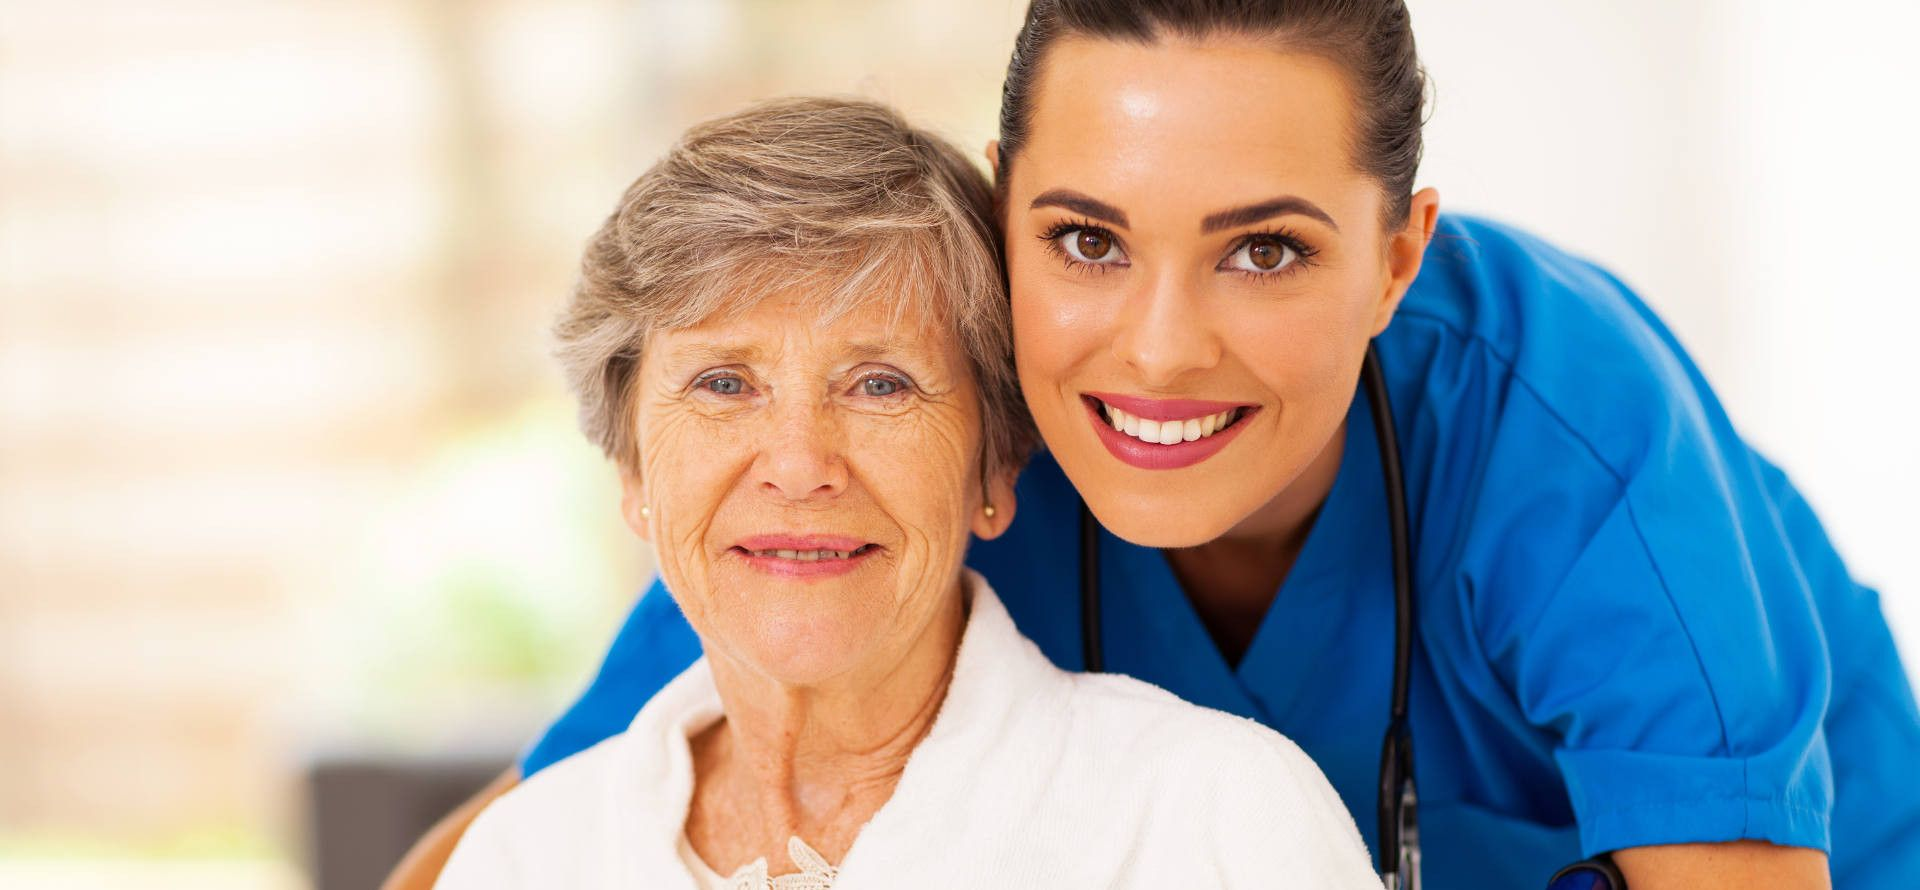 Empresas de asistencia y ayuda a domicilio